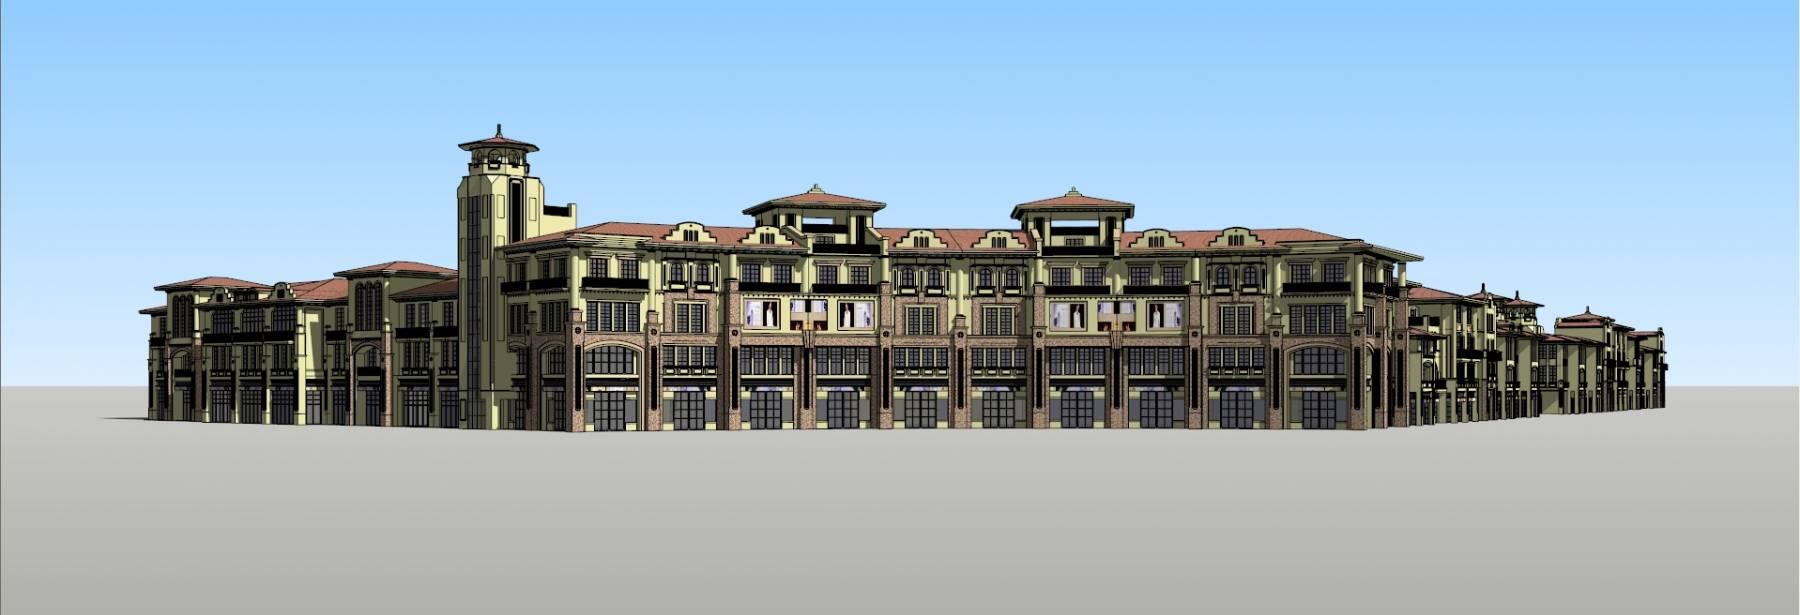 上海一小区商业街设计 地中海 西班牙风格